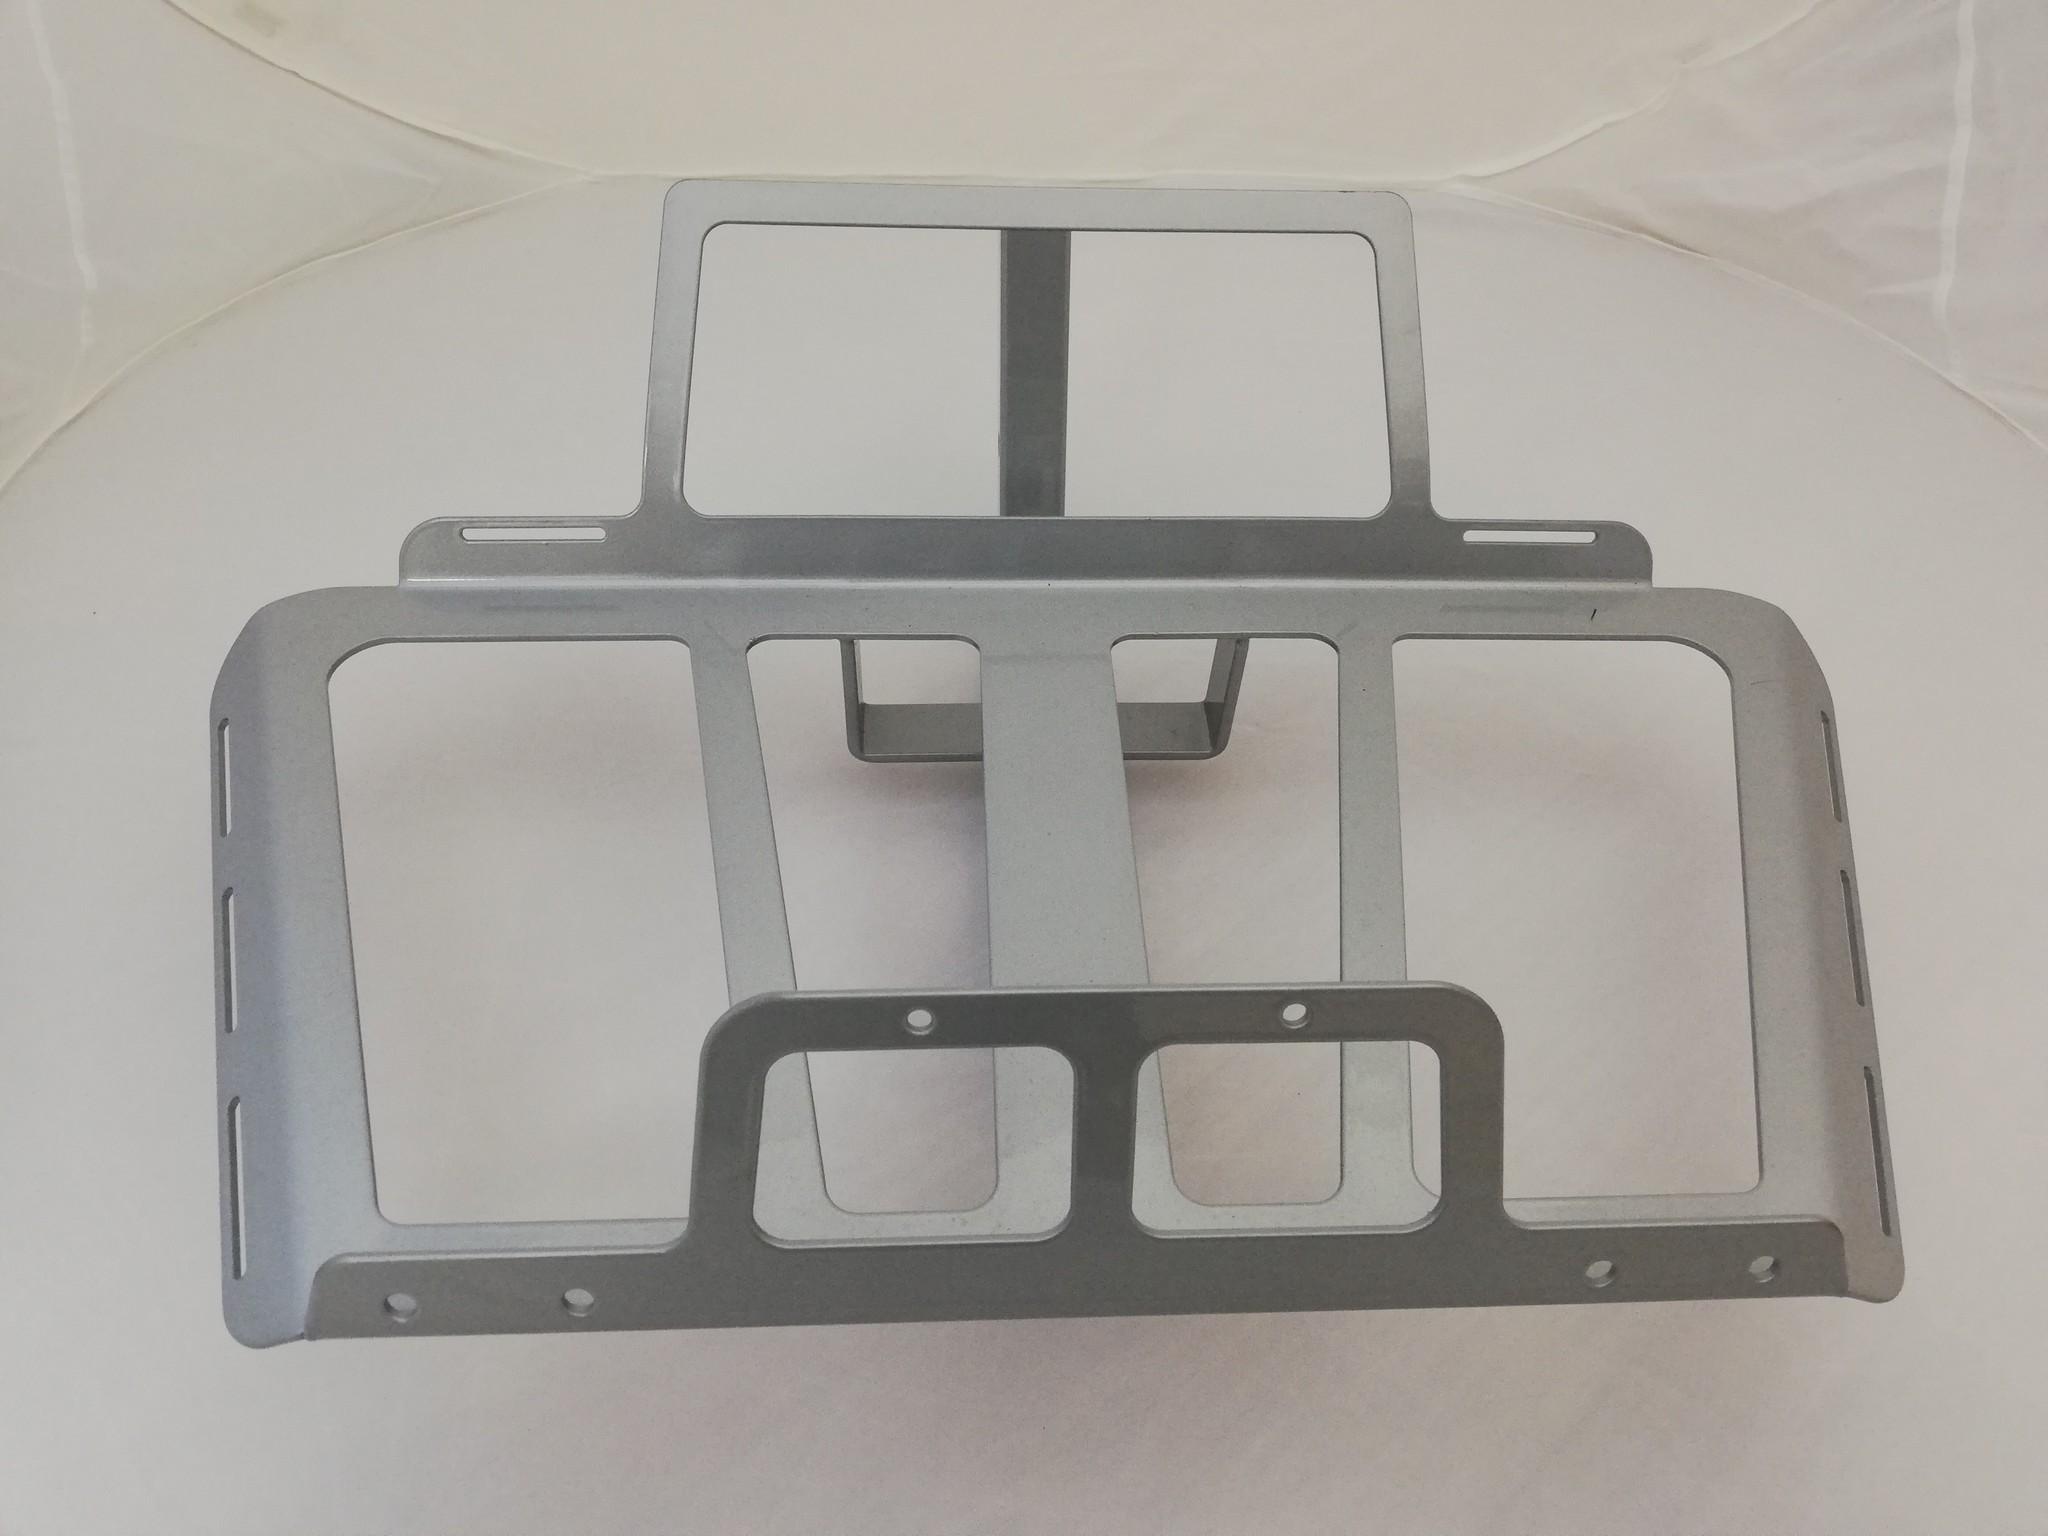 JVR Products Porte-bagages d'attelage GL1800,  2018 gris argenté